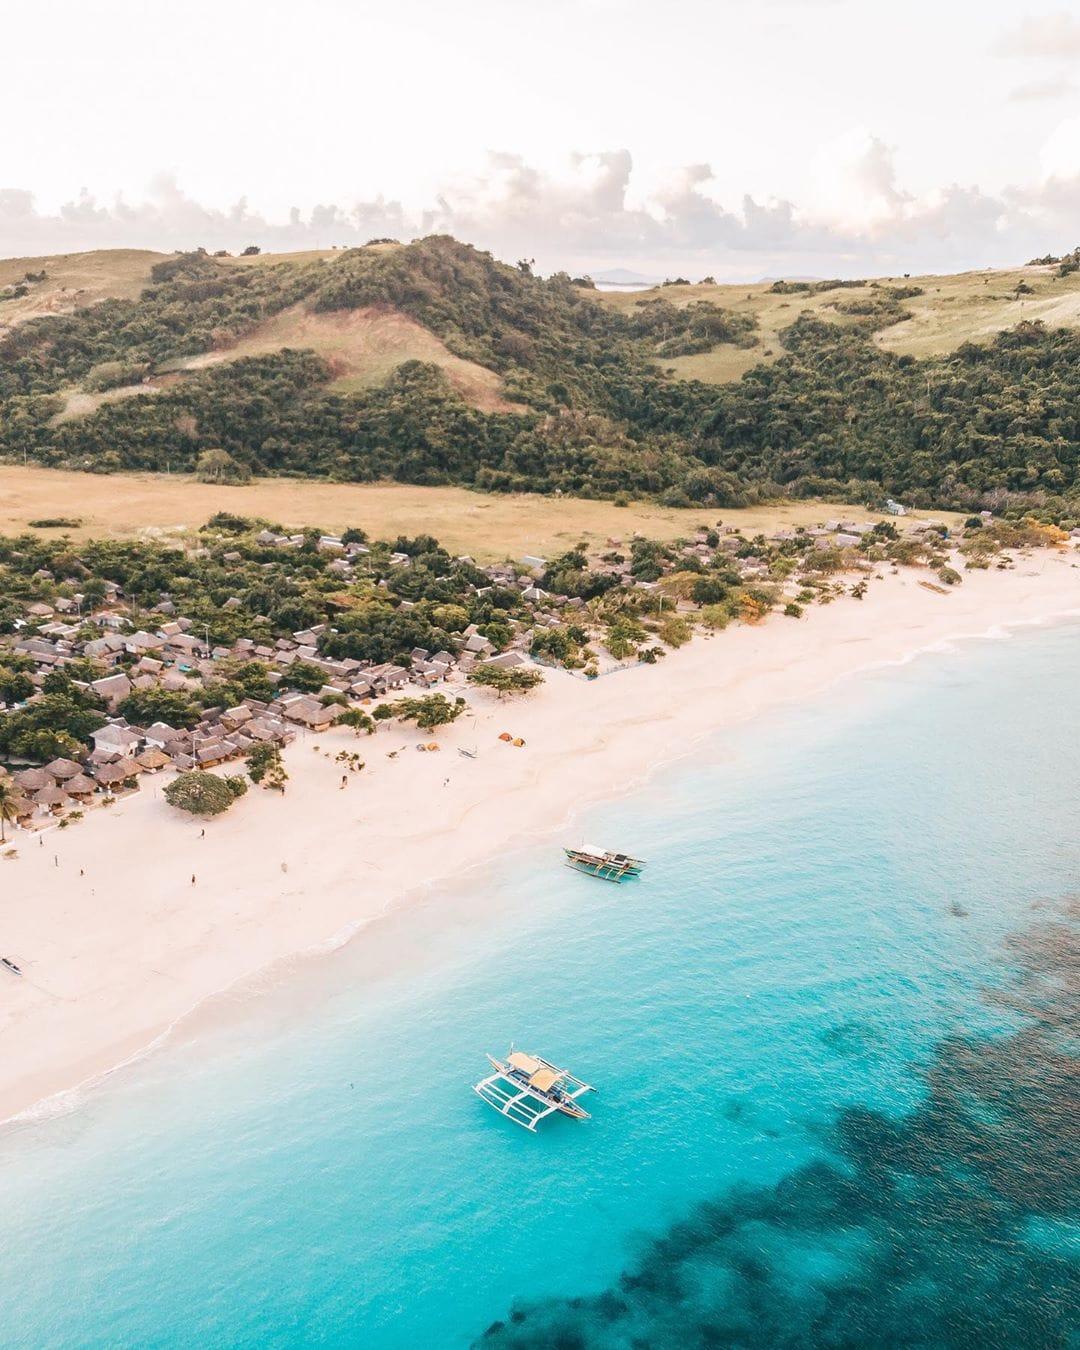 Philippines beaches, Calaguas Island